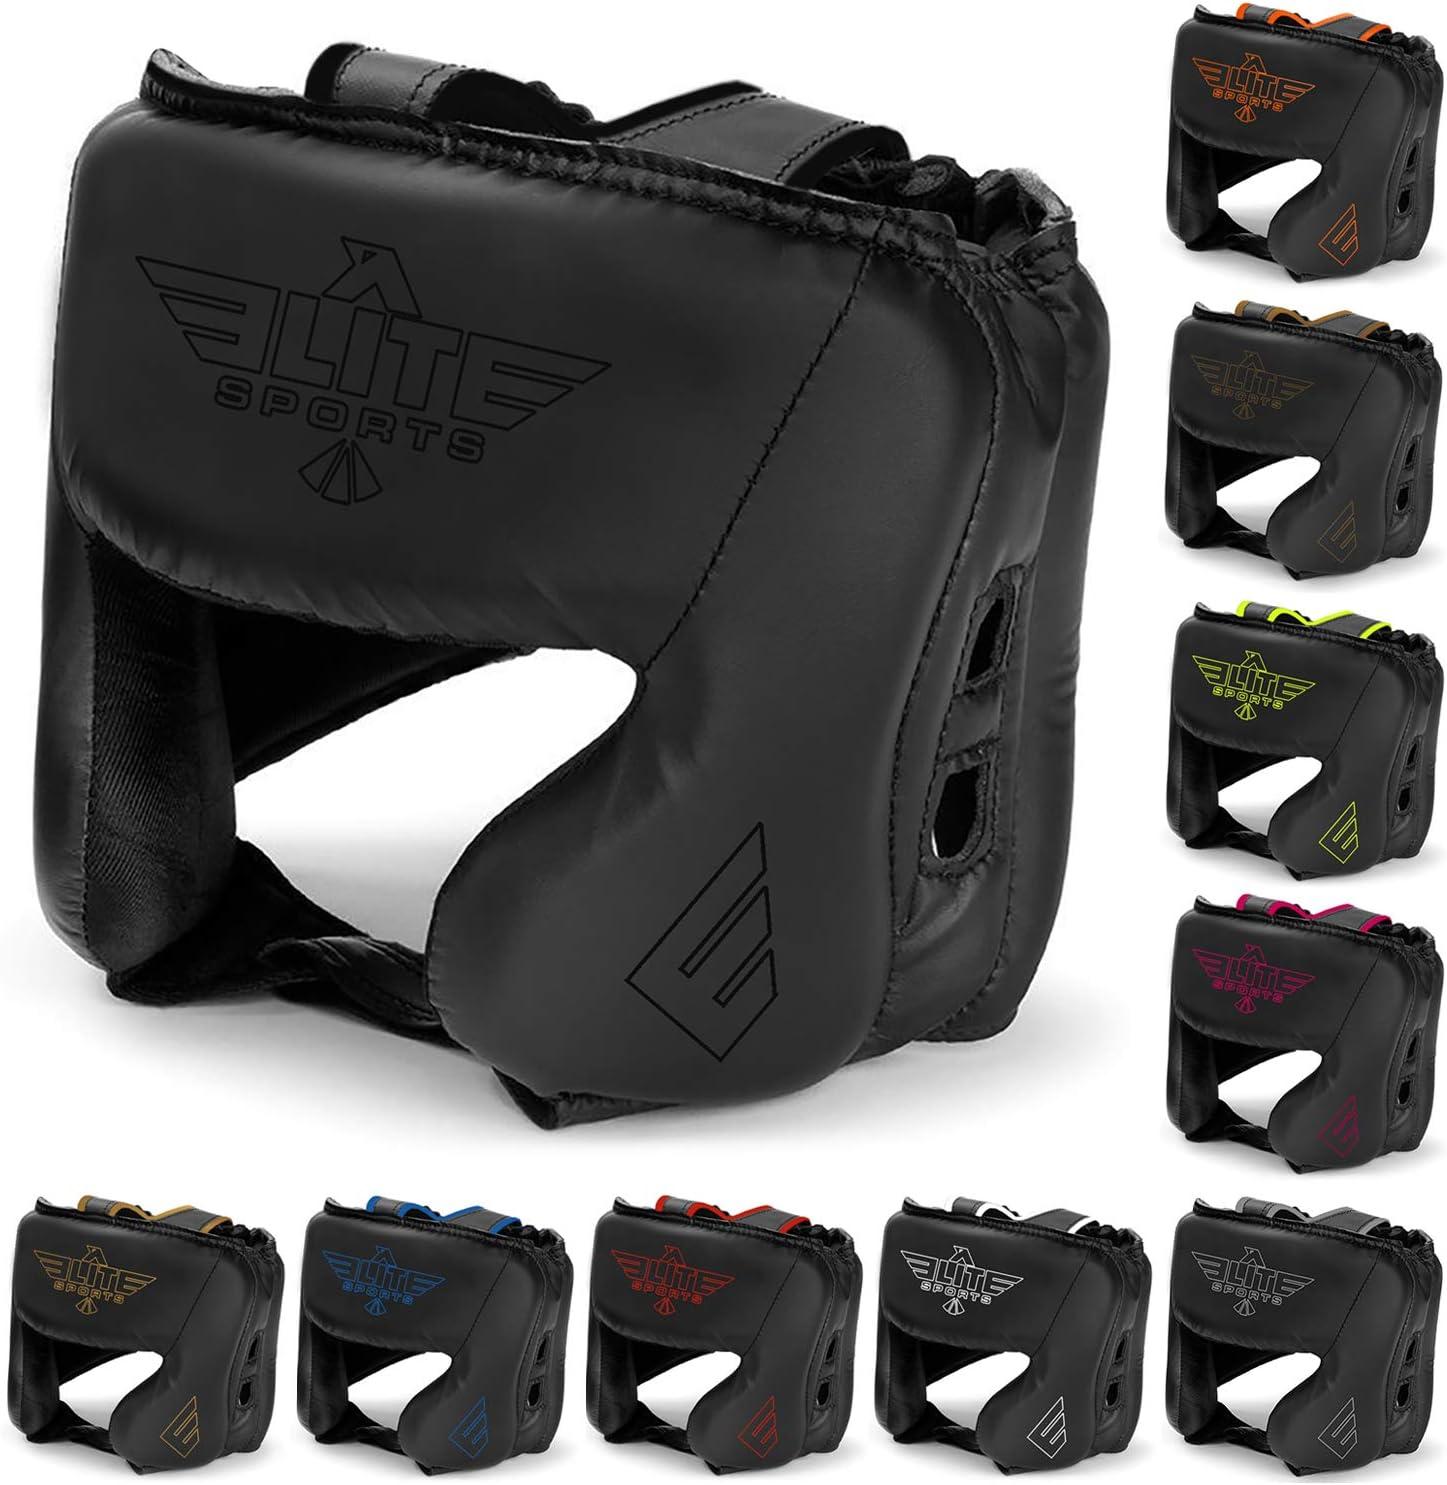 新しいアイテムEliteスポーツボクシングヘッドガード、Sparring Kickboxing、MMA、タイ式Headgear Kickブレースヘッド保護 ブラック